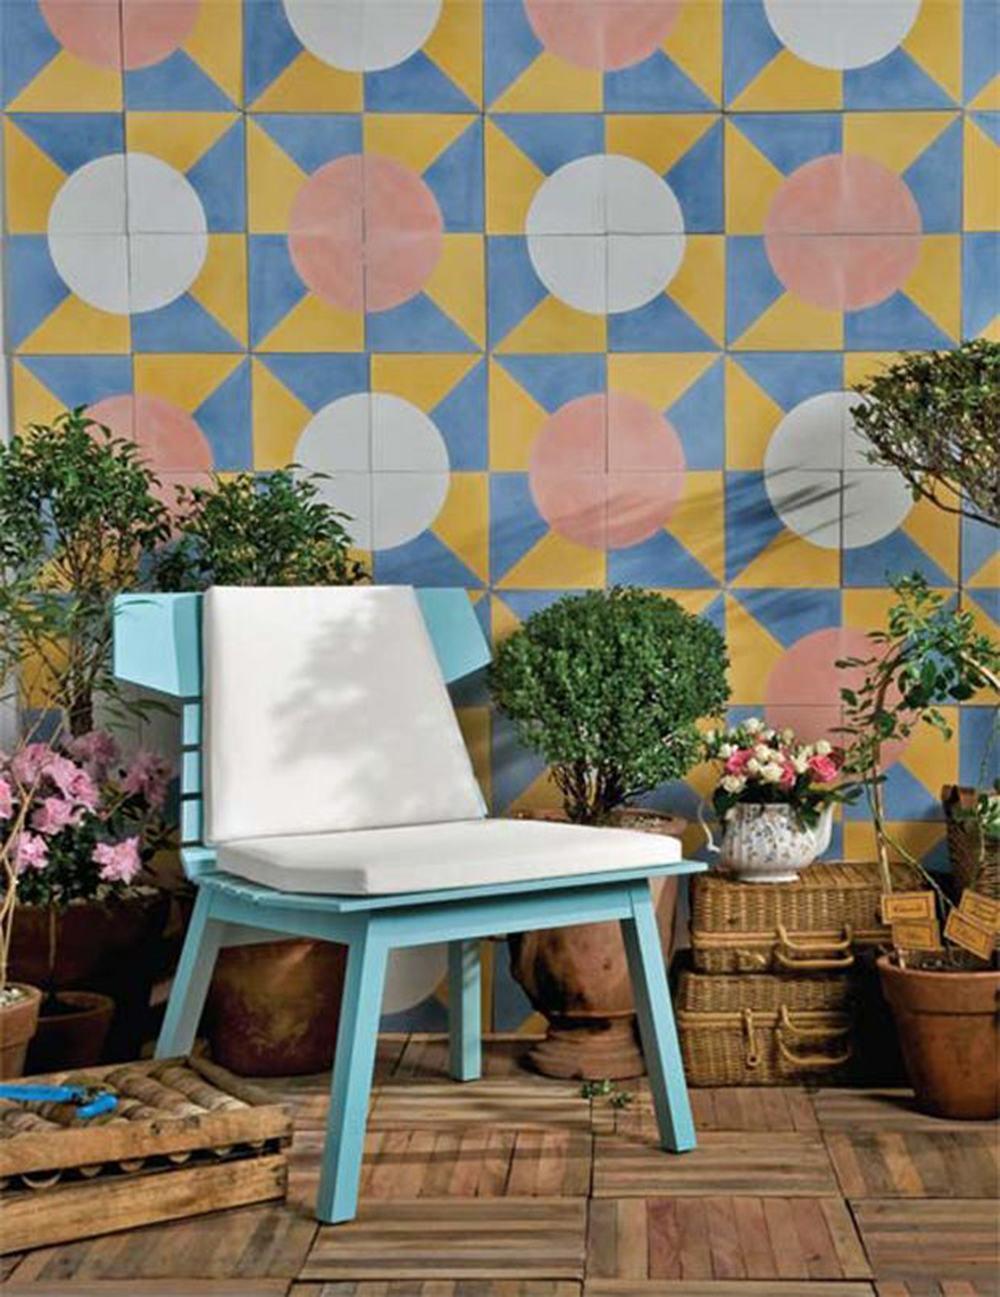 Muros Decorados: 60+ Projetos, Fotos & Ideias!